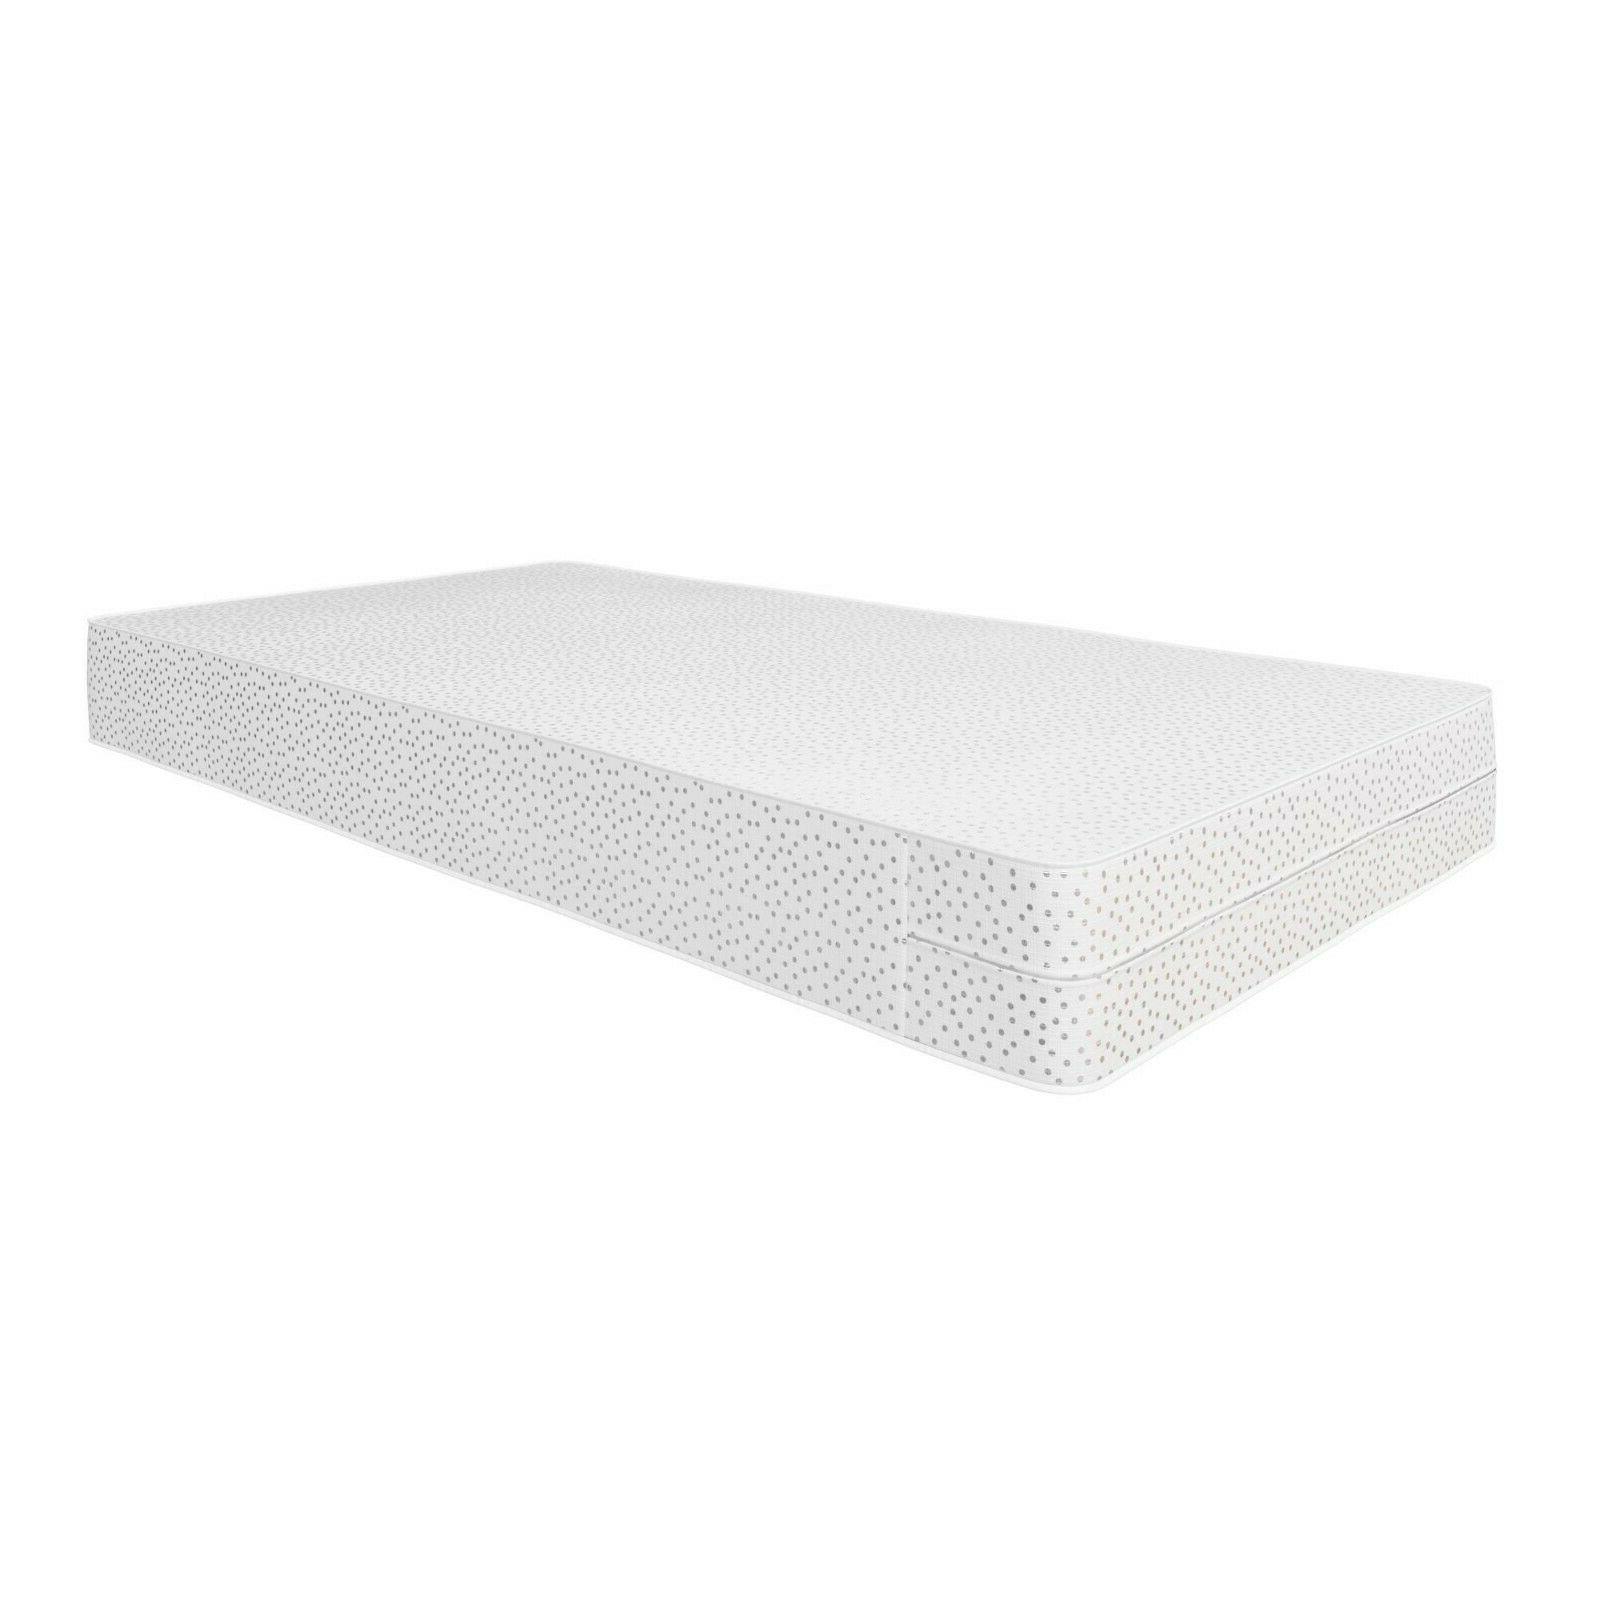 MATTRESS Bed Baby Waterproof Comfort Sleep Cushion Pad